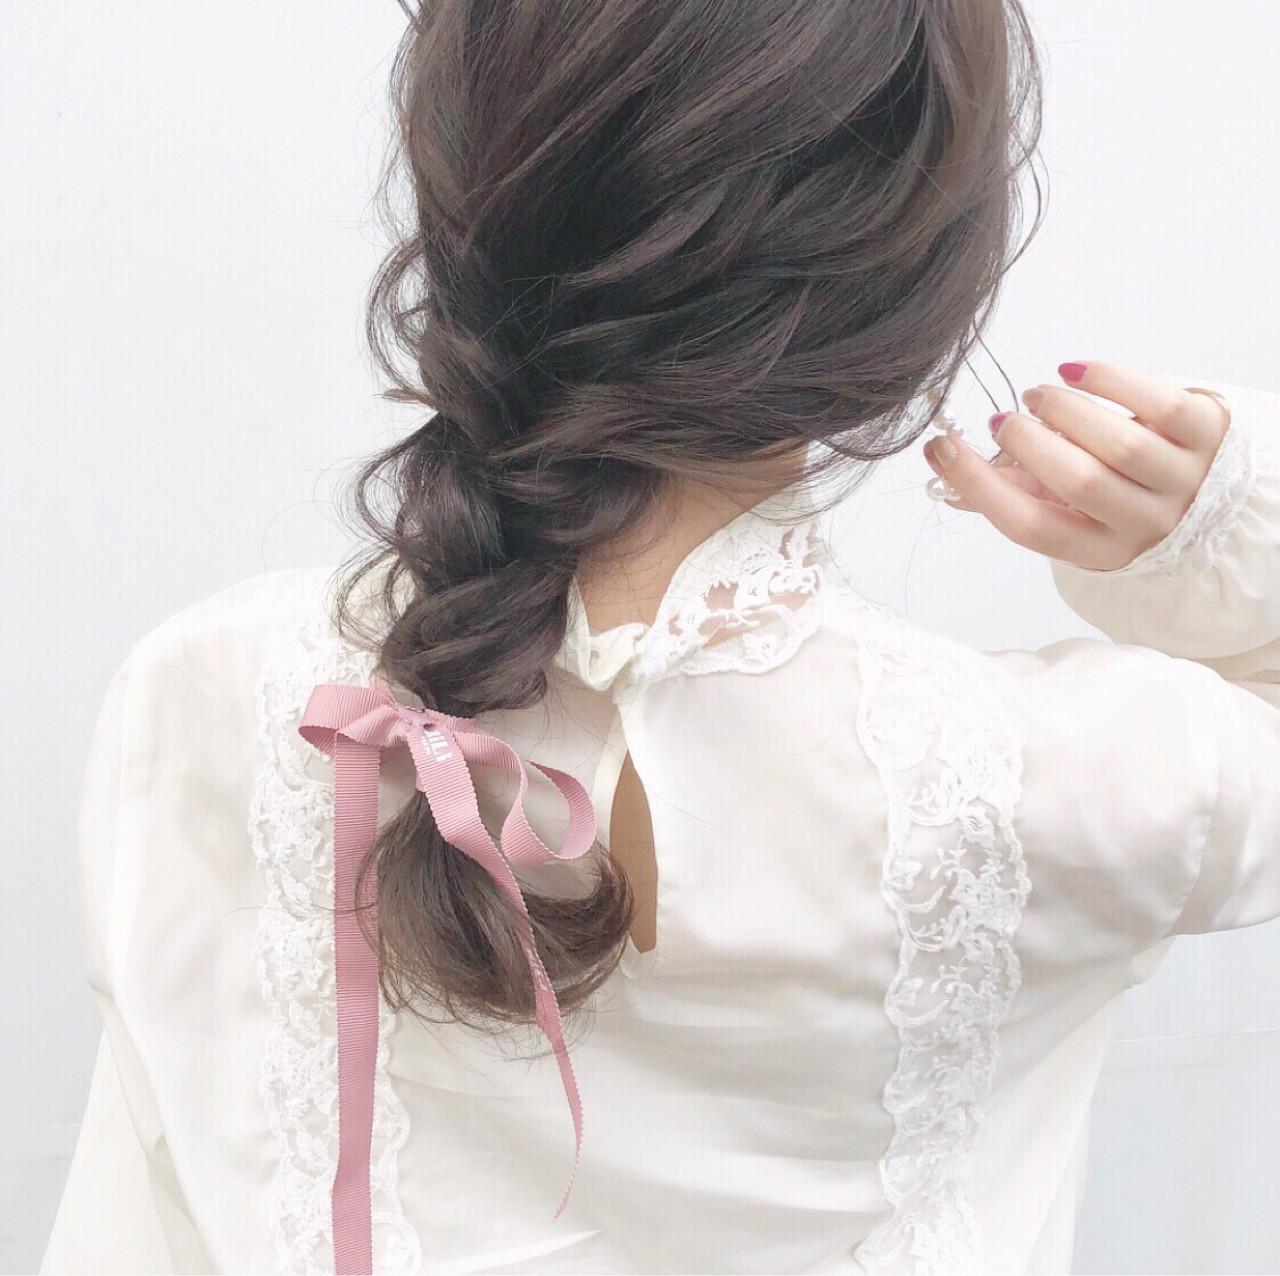 セミロング 大人かわいい 編み込み 簡単ヘアアレンジ ヘアスタイルや髪型の写真・画像